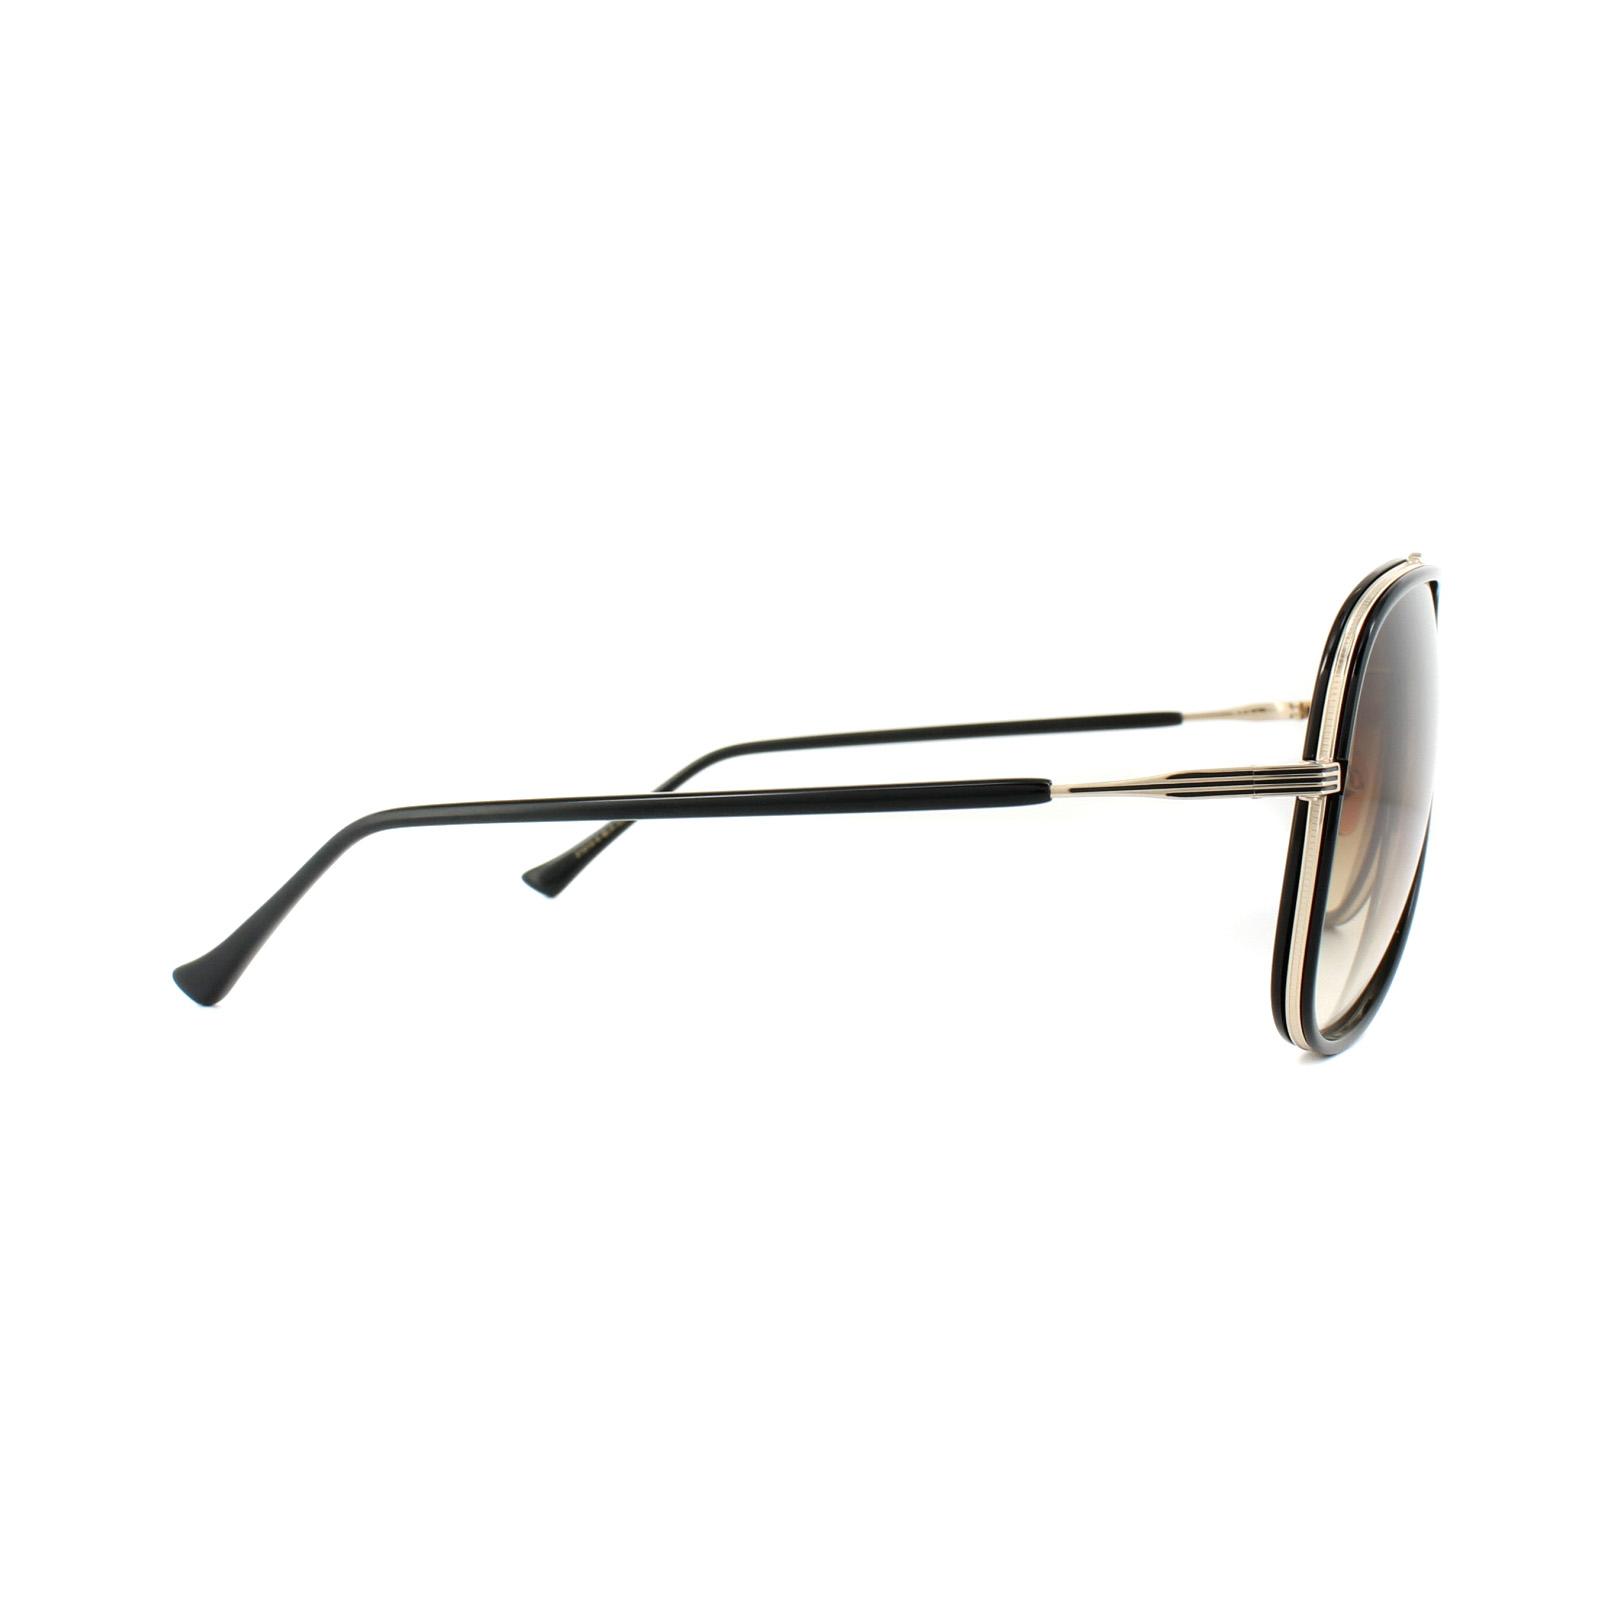 9cba2dac4620 Sentinel Dita Sunglasses Condor Two 21010-E-62 Black 12K Gold Brown Gradient